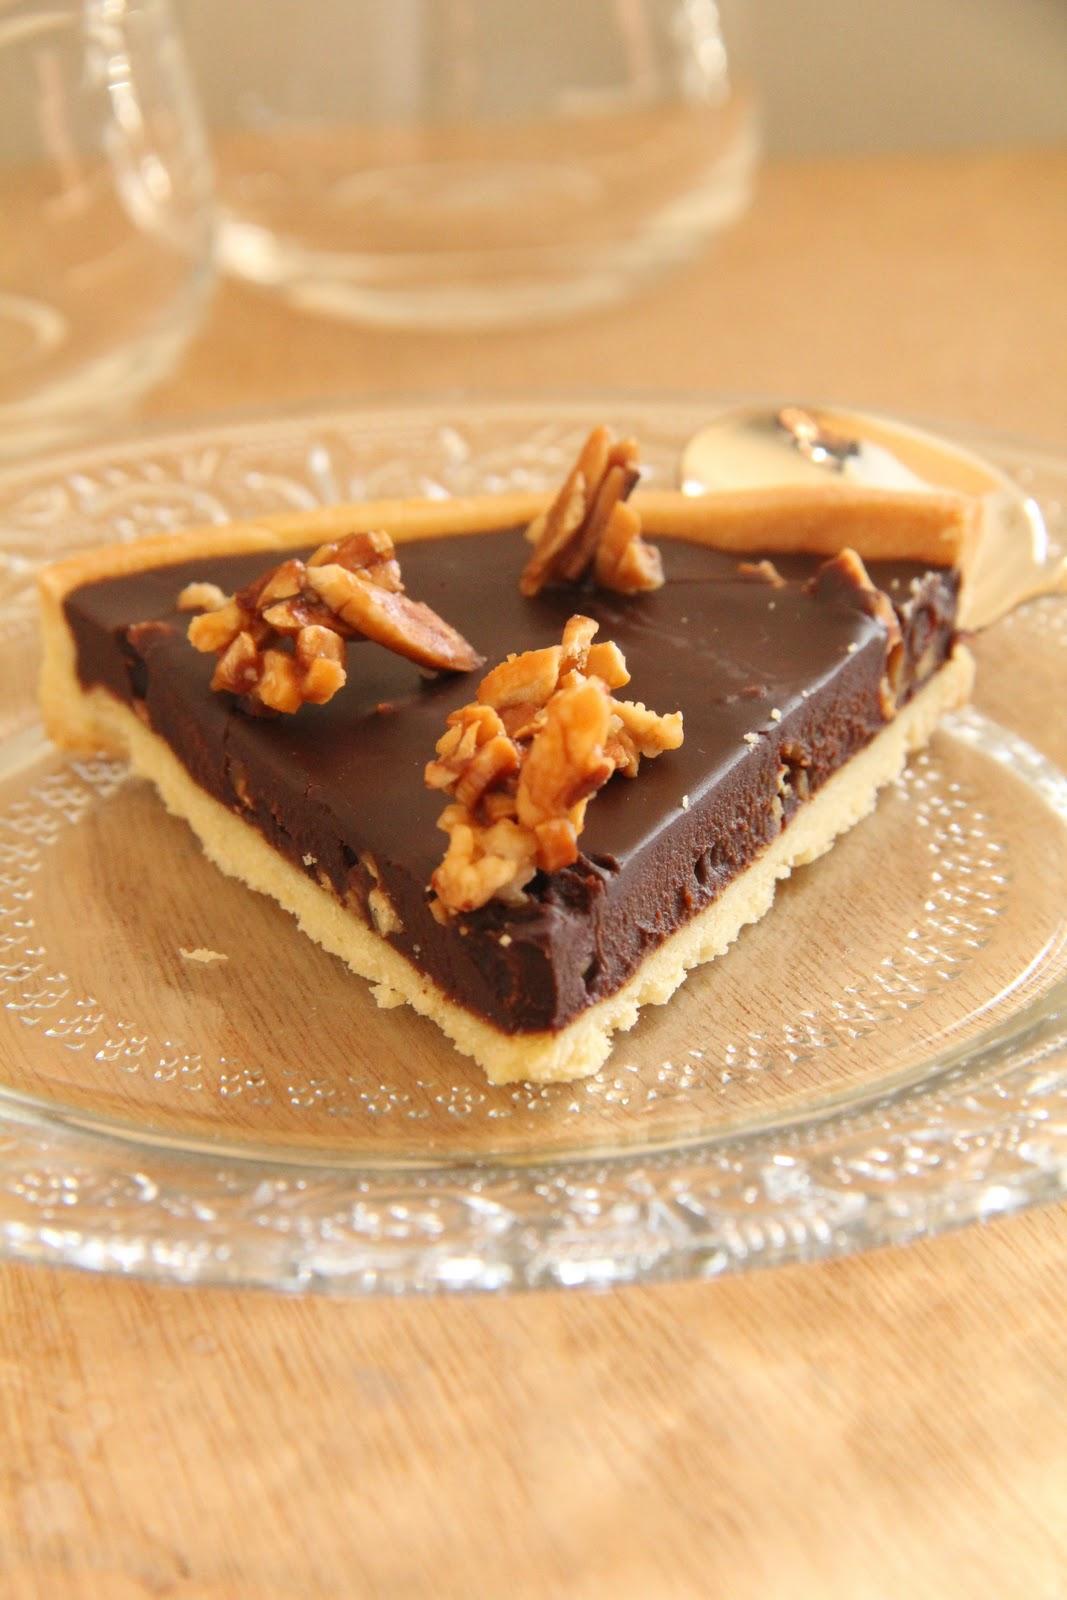 On dine chez nanou tarte au chocolat ganache sans cr me et amandes caram lis es - Tarte au chocolat sans oeuf ...